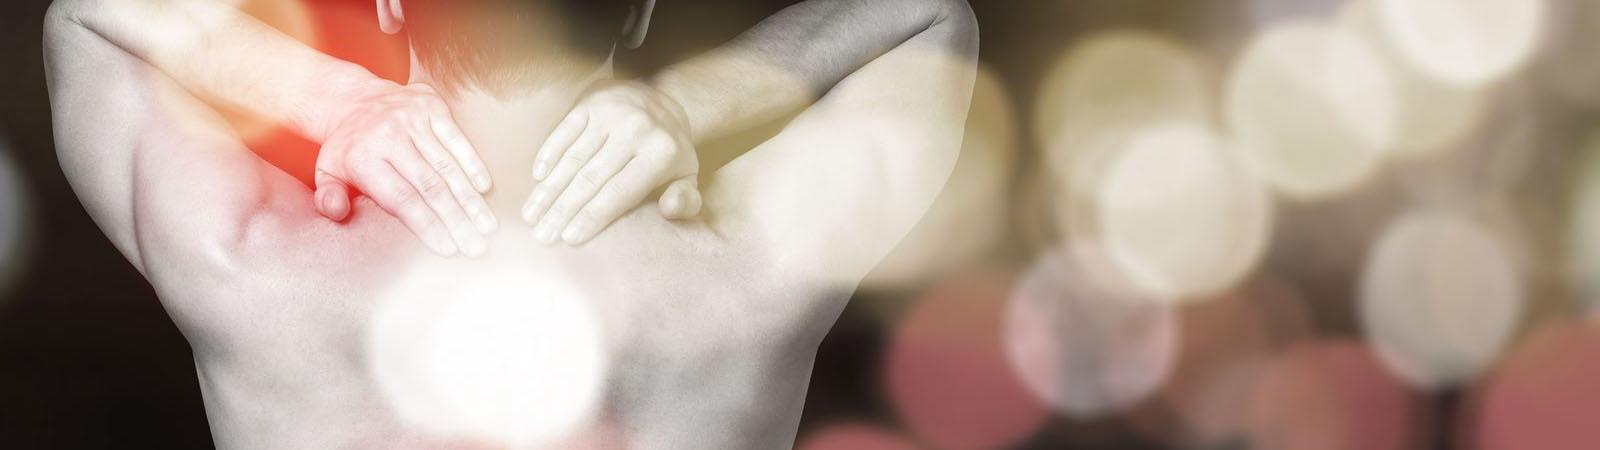 trattamento dolori articolari cagliari